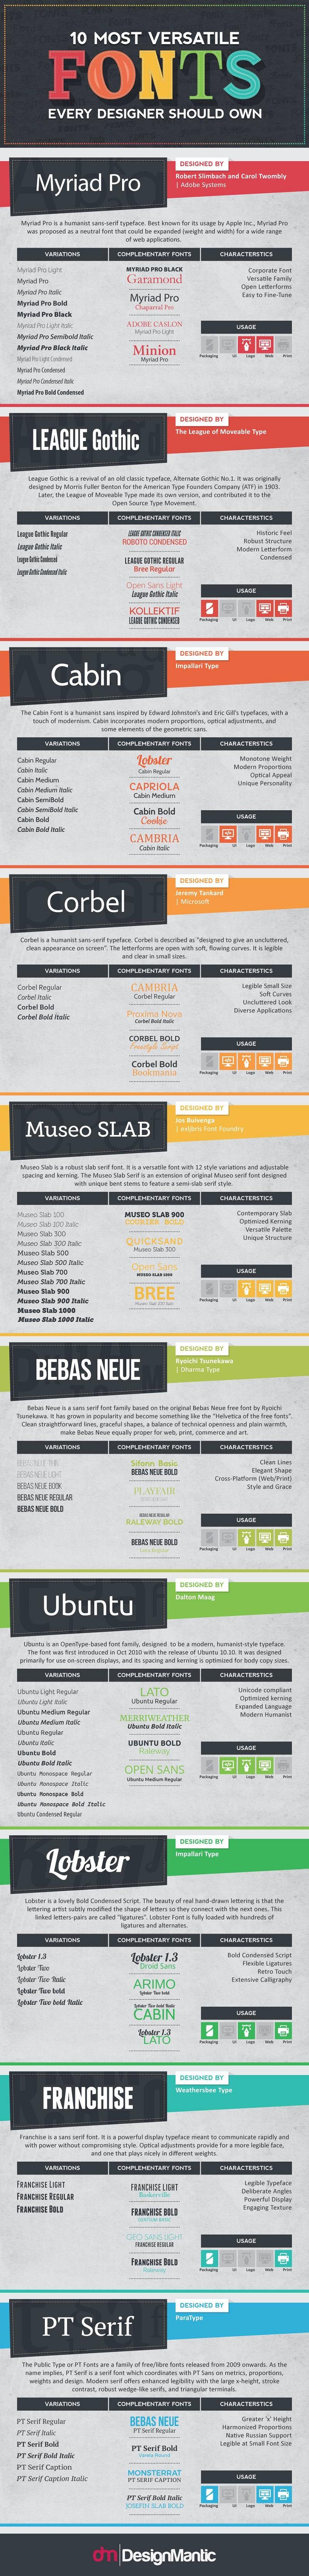 10 Most Versatile Fonts